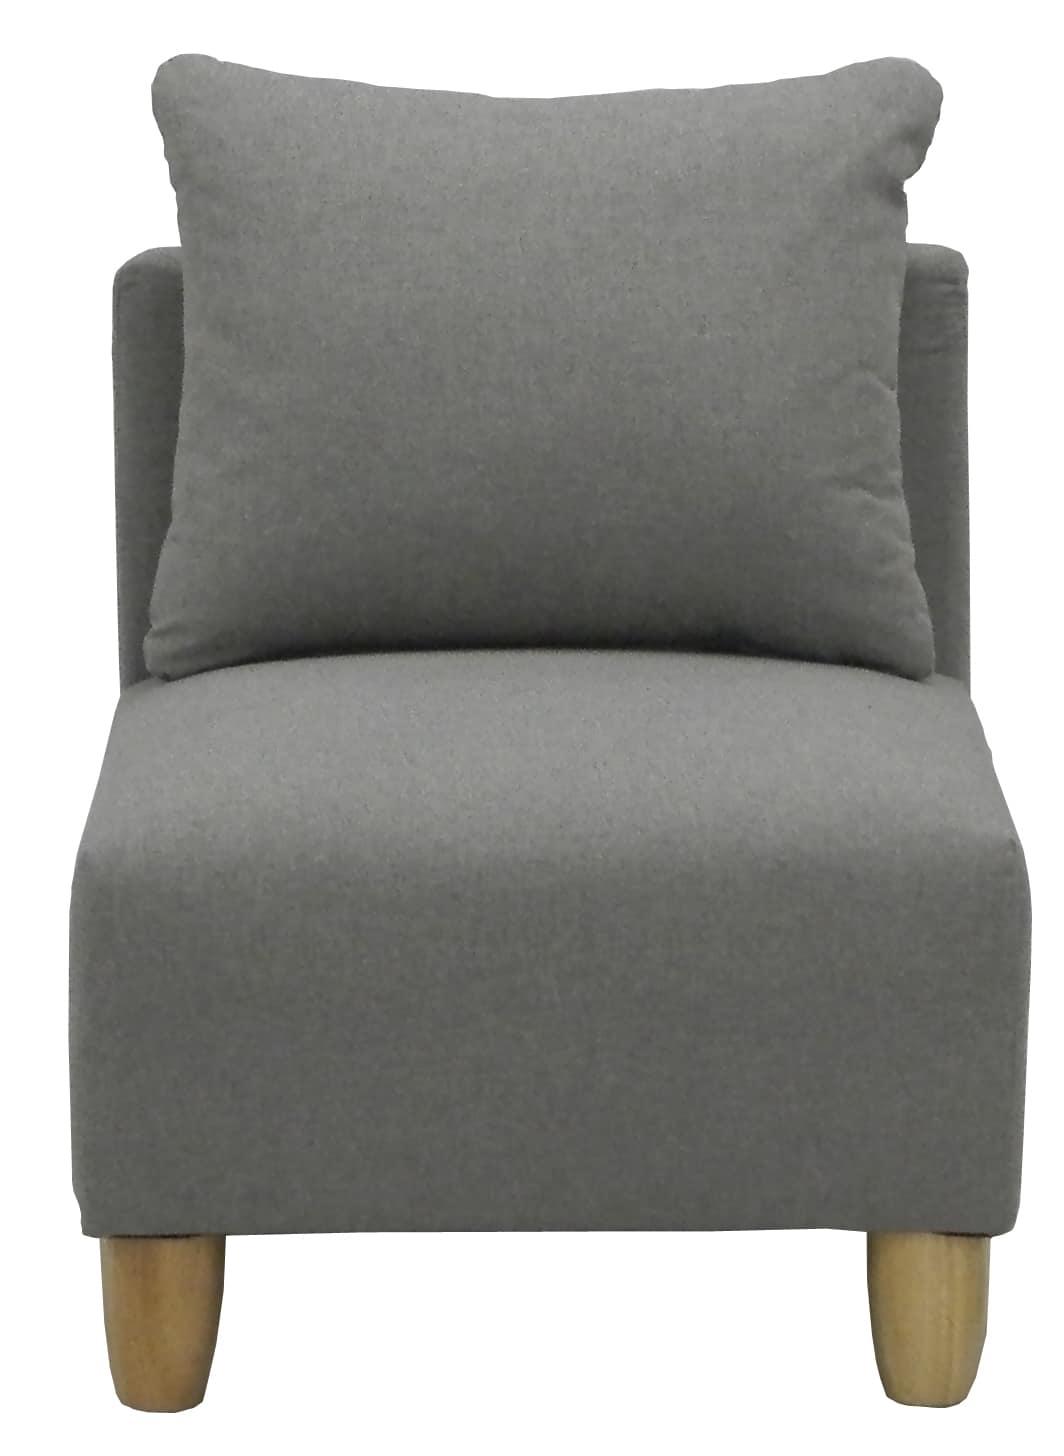 1人掛けソファ リベルタ グレー:《座り心地抜群のソファー「リベルタ」》